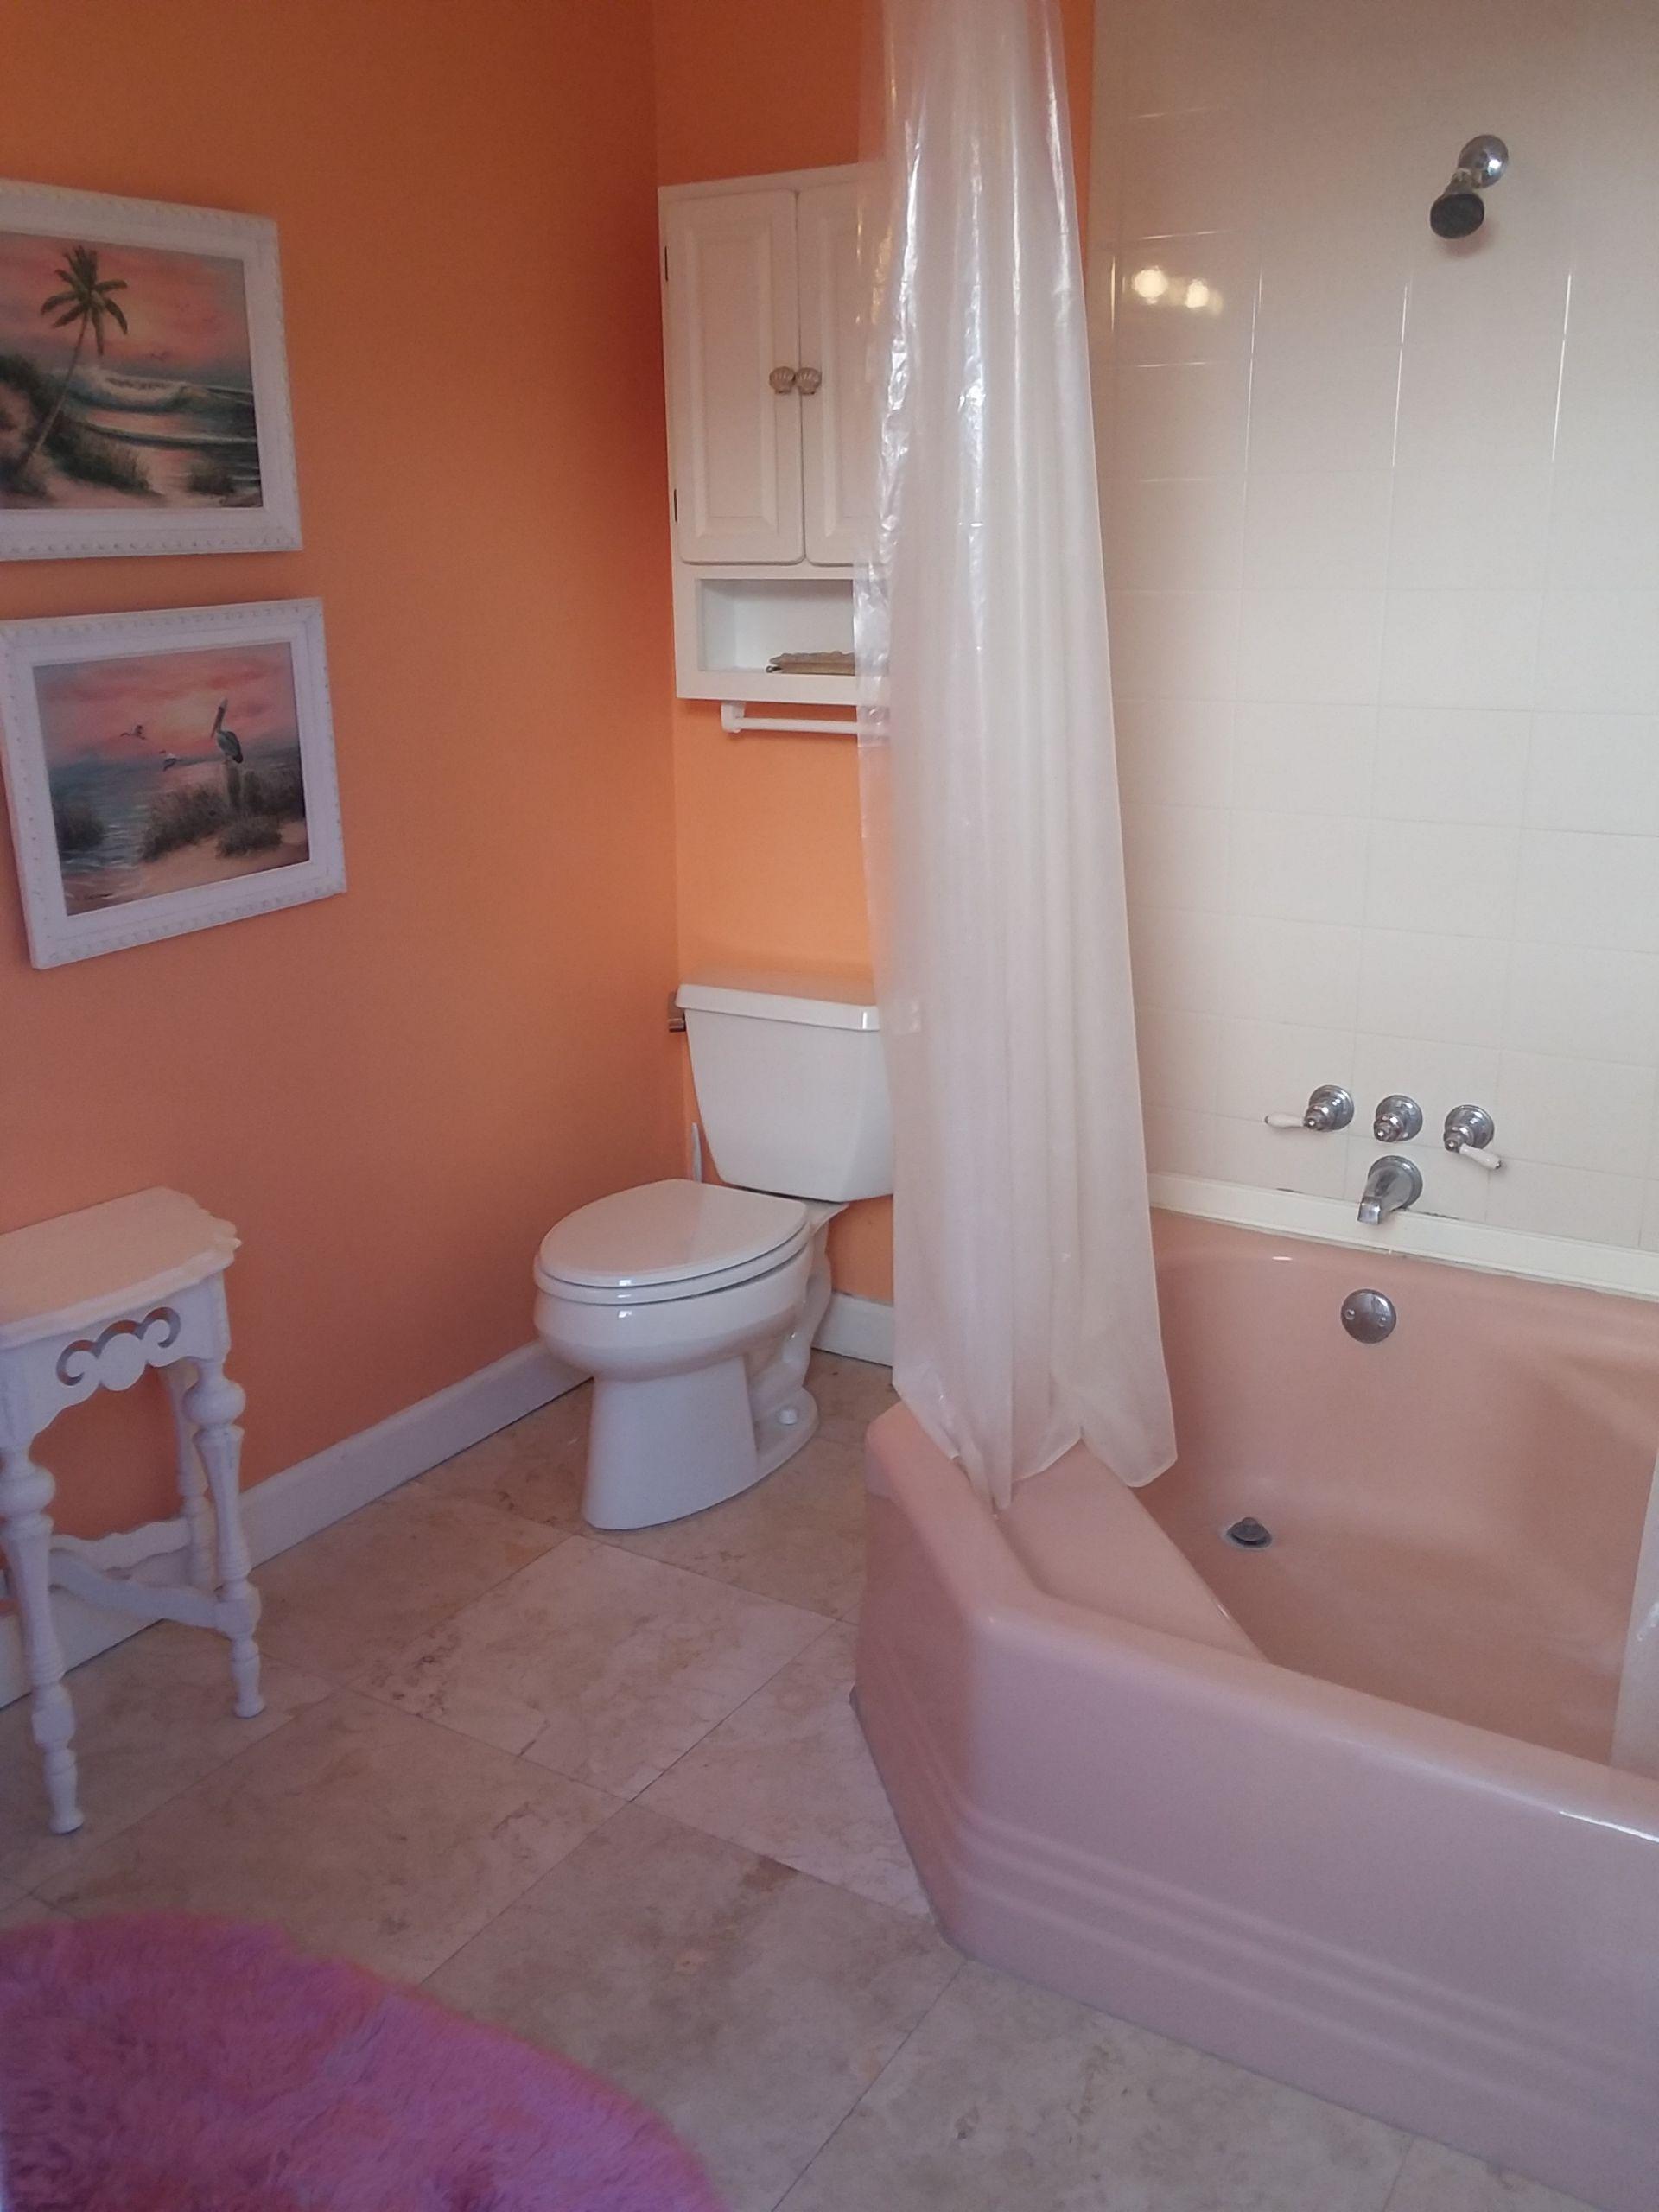 bathroom 3 tub